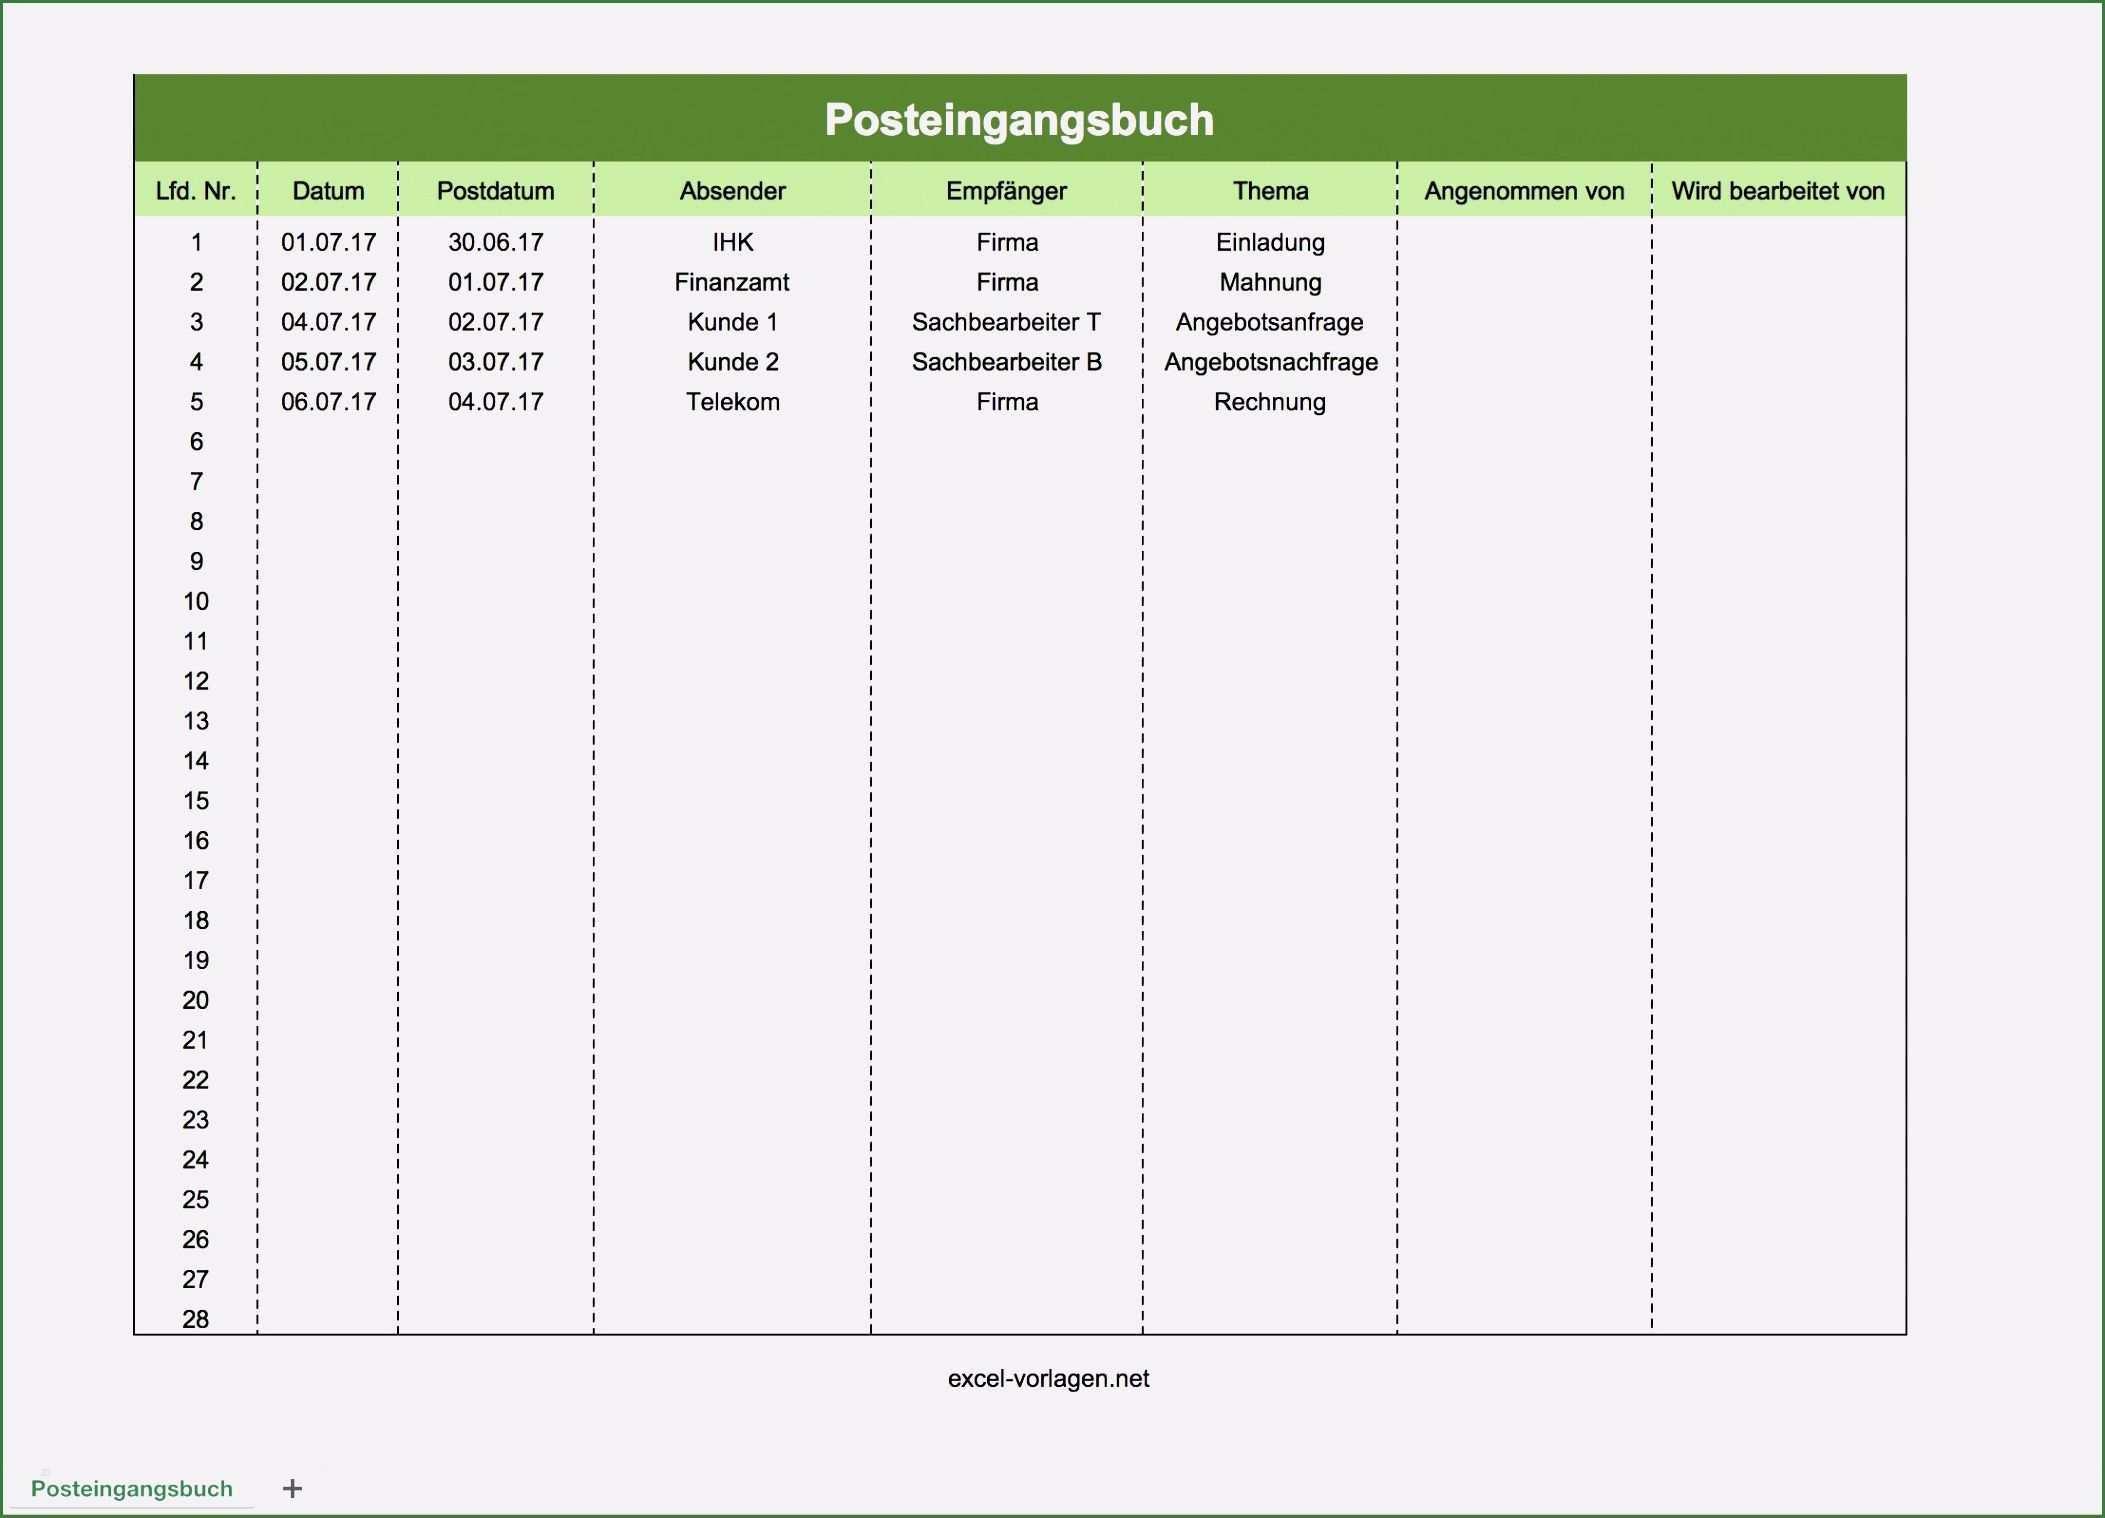 Ungewohnlich Posteingangsbuch Excel Vorlage Mit Fotos In 2020 Excel Vorlage Finanzen Bucher